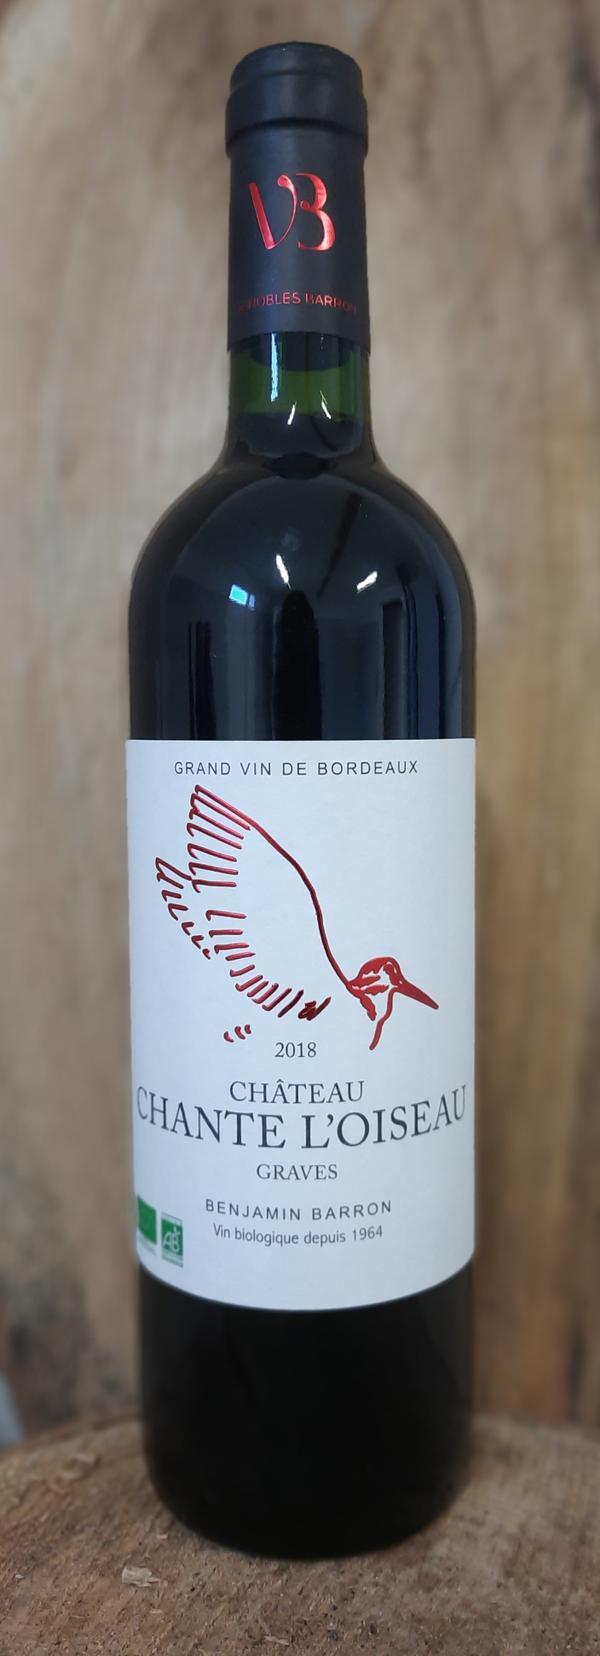 Château Chante l'Oiseau Graves rouge 2018